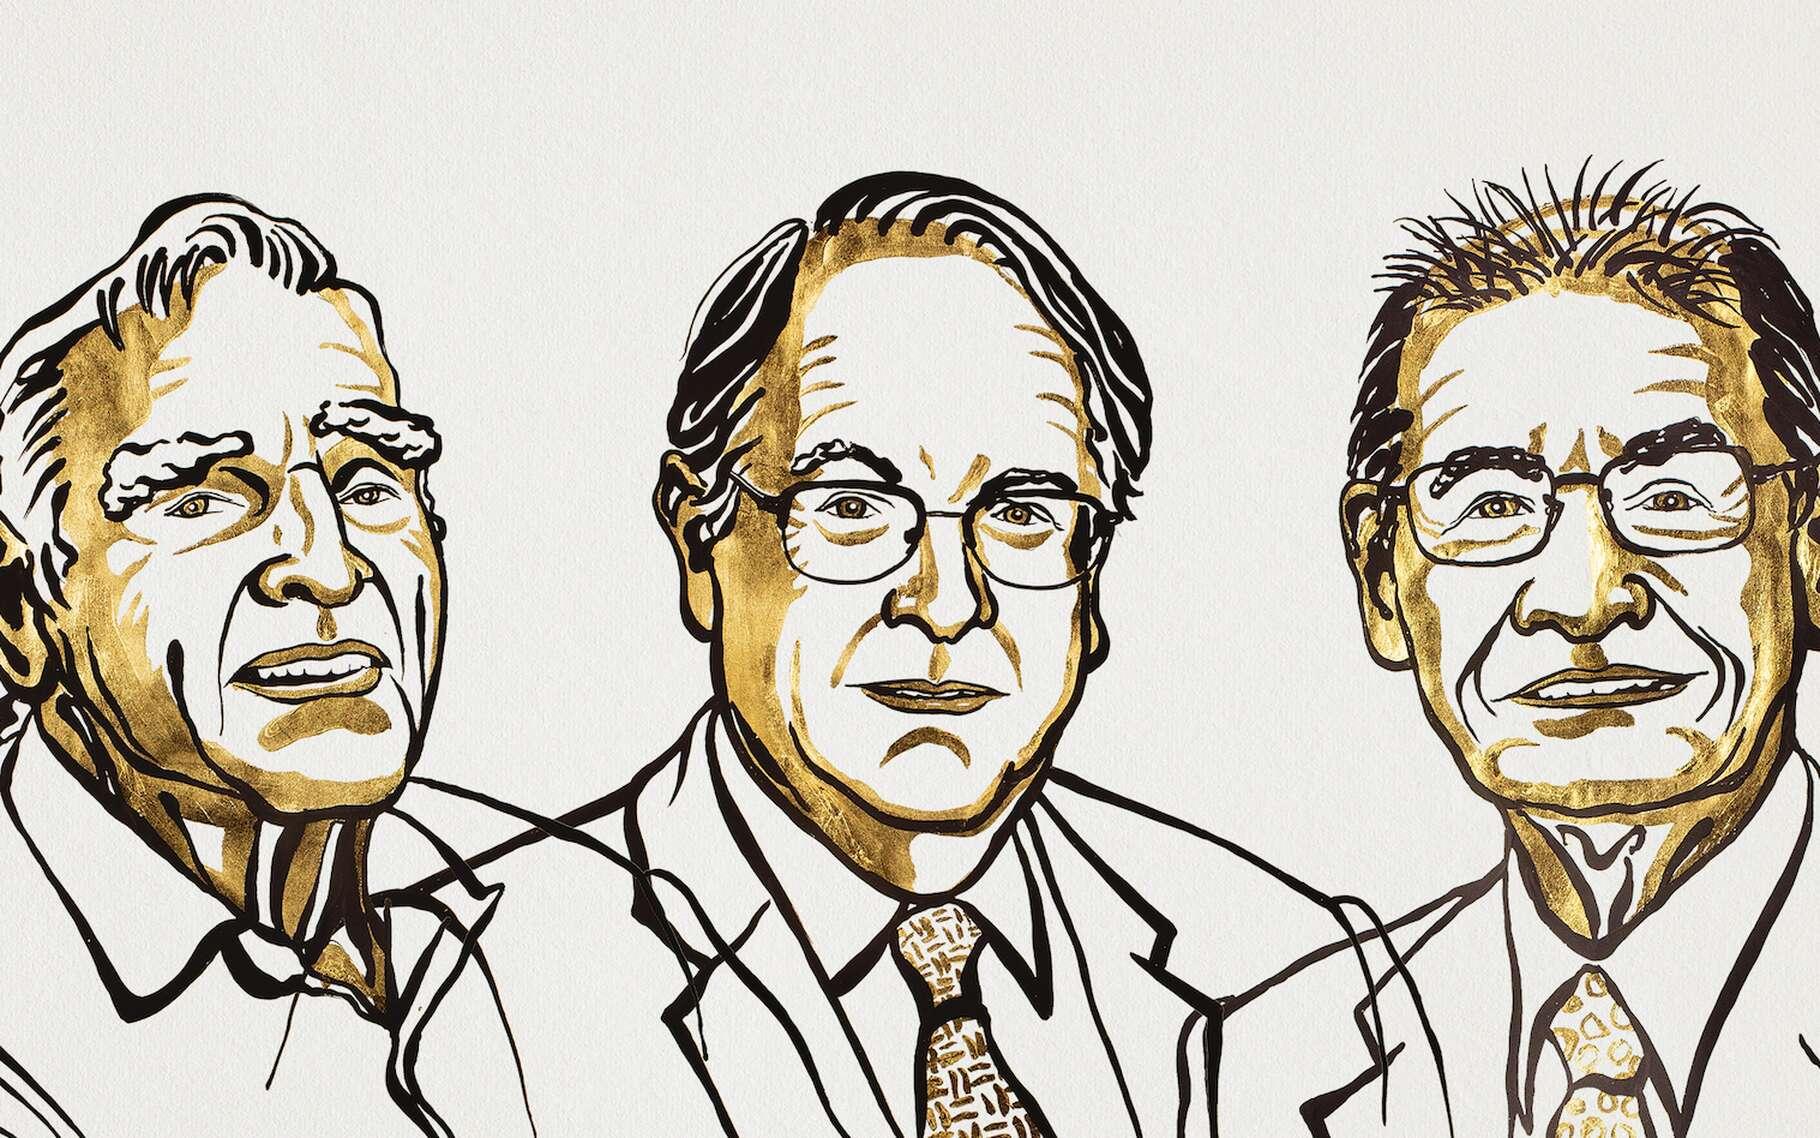 En ce mercredi 9 octobre 2019, les trois inventeurs de la batterie lithium-ion — de gauche à droite, John Goodenough, Stanley Whittingham et Akira Yoshino — se sont vu attribuer le prestigieux prix Nobel de chimie. © Niklas Elmehed, Nobel Media